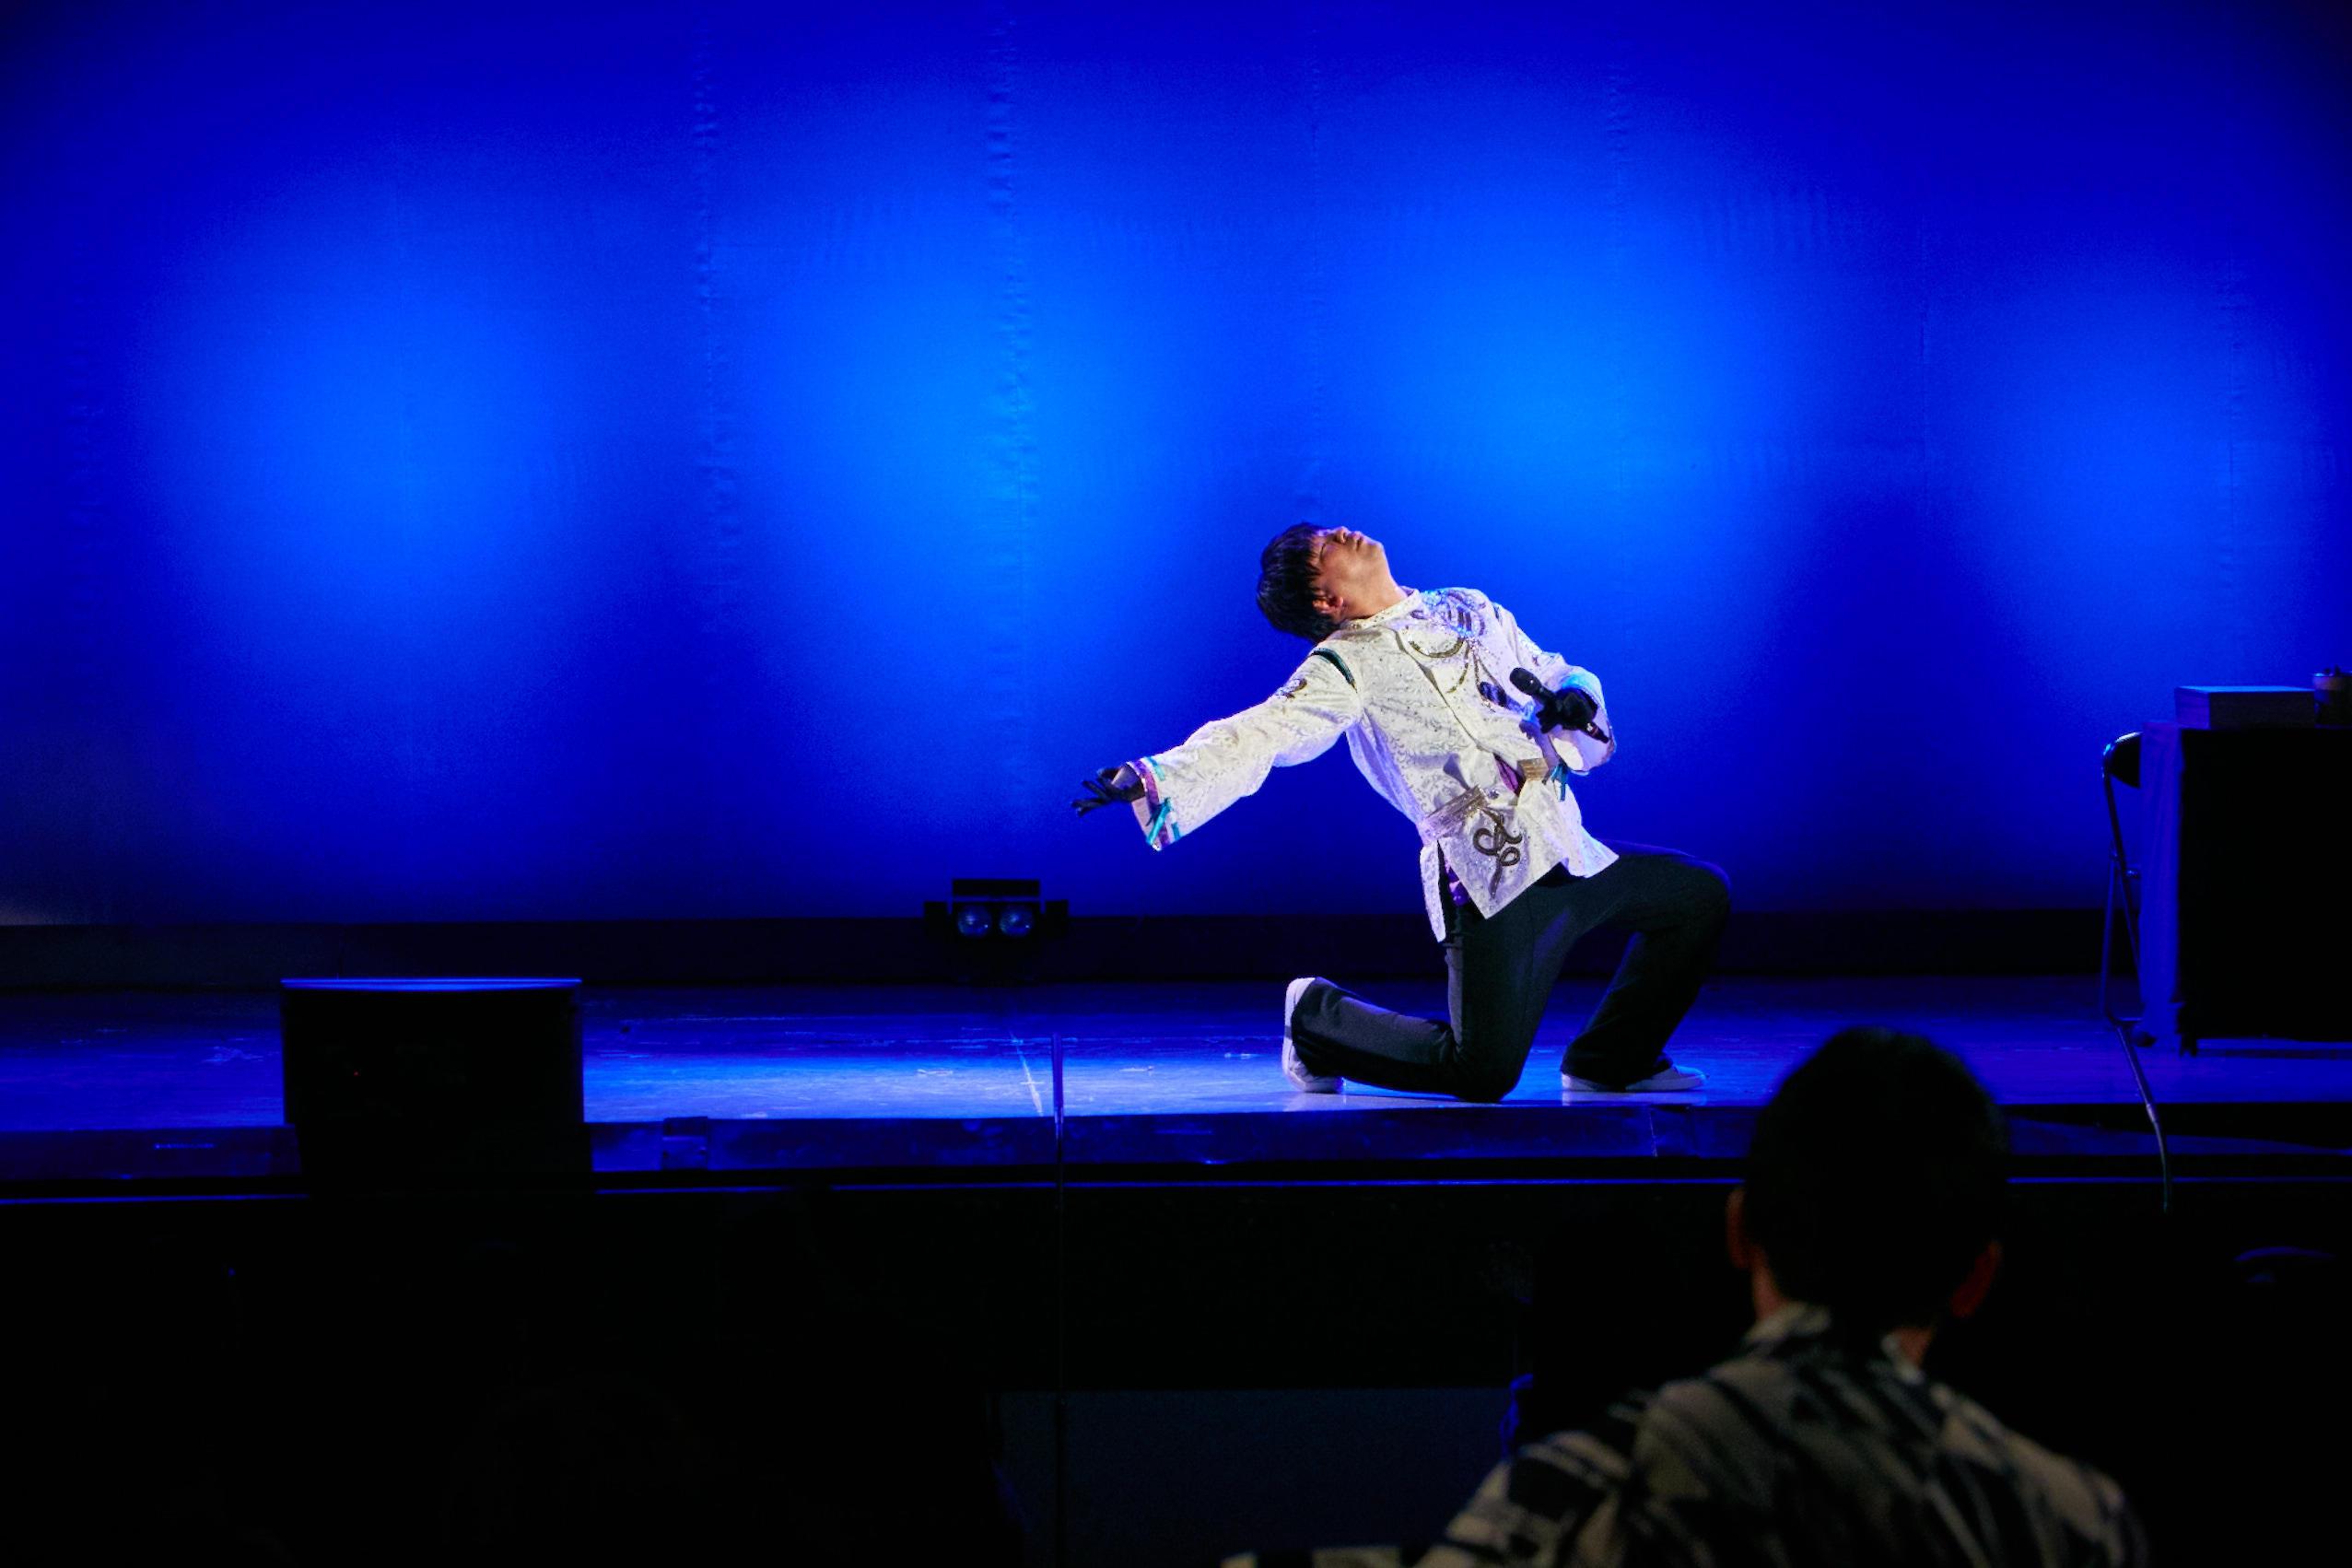 http://news.yoshimoto.co.jp/20180716105741-45e8bea59ccc10f91710dd0e8a62c456ba69d8a5.jpg